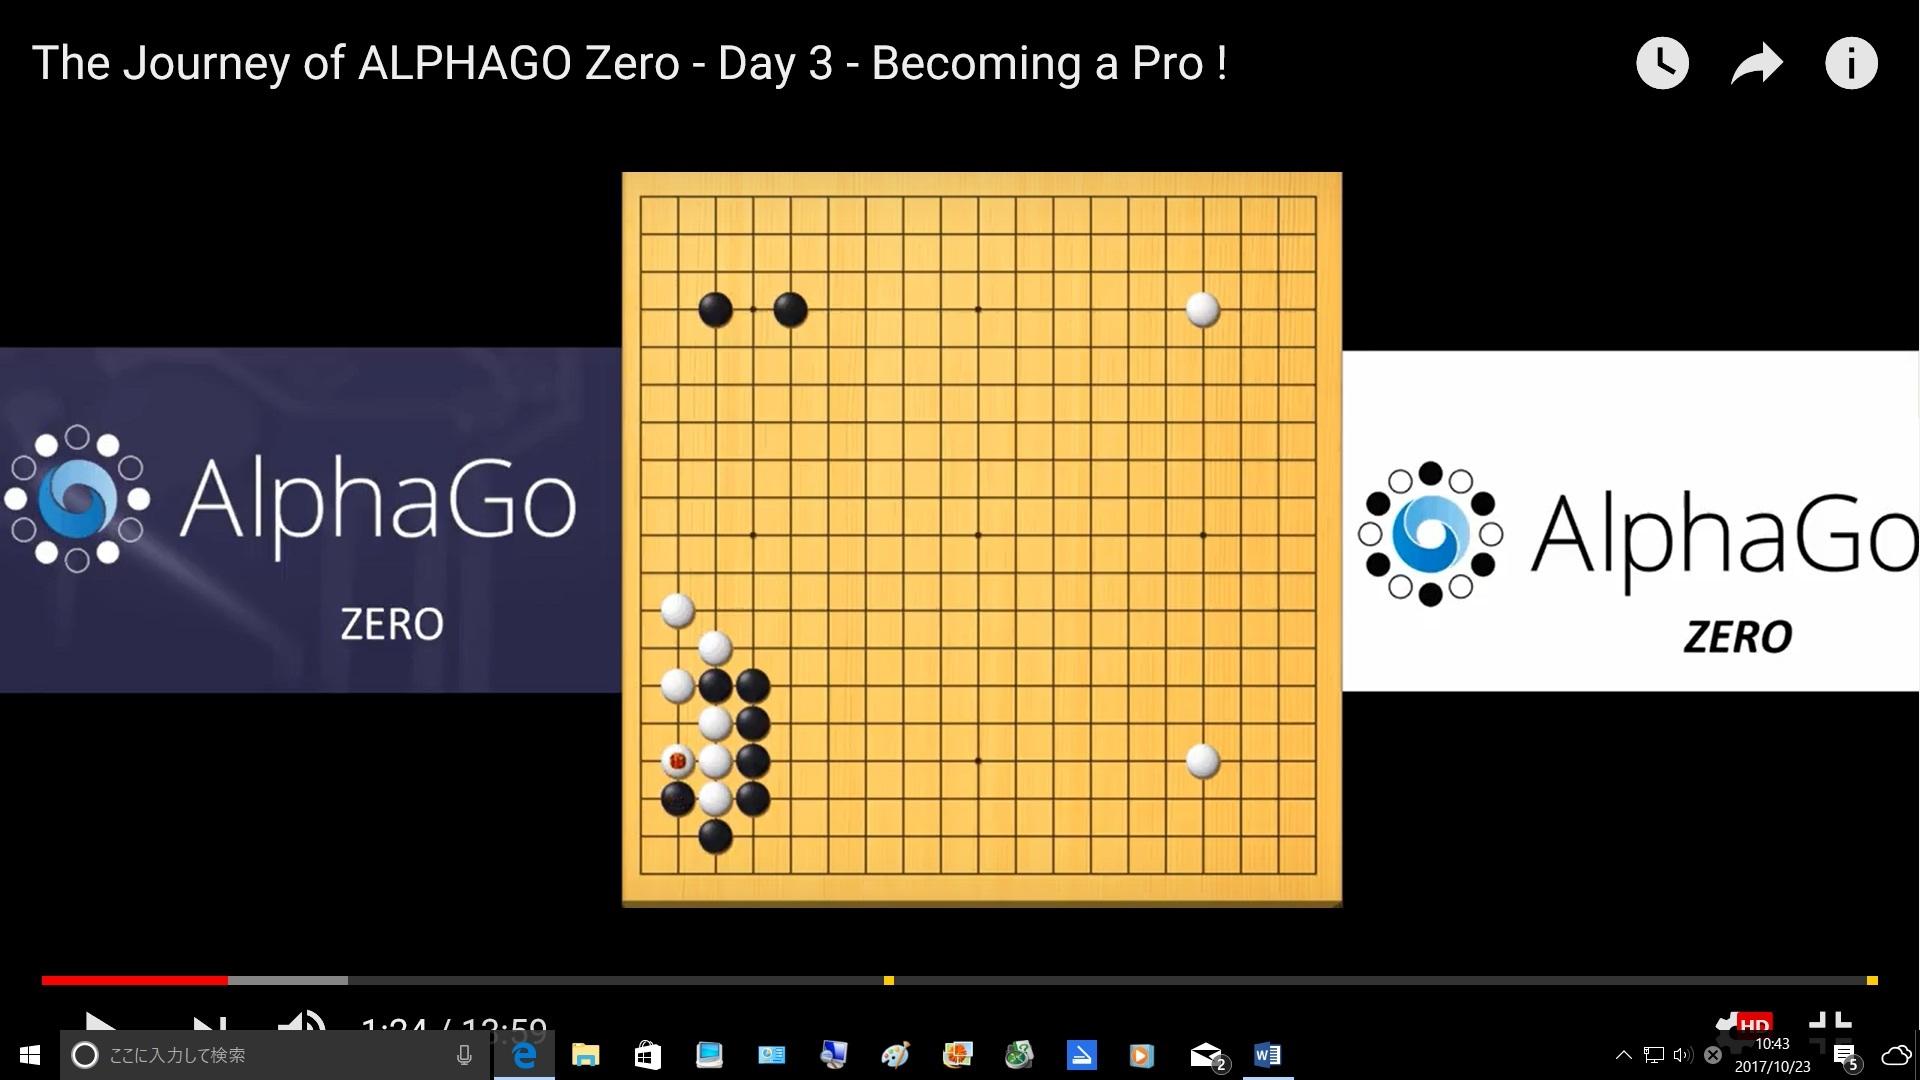 AlphaGo ZERO 3